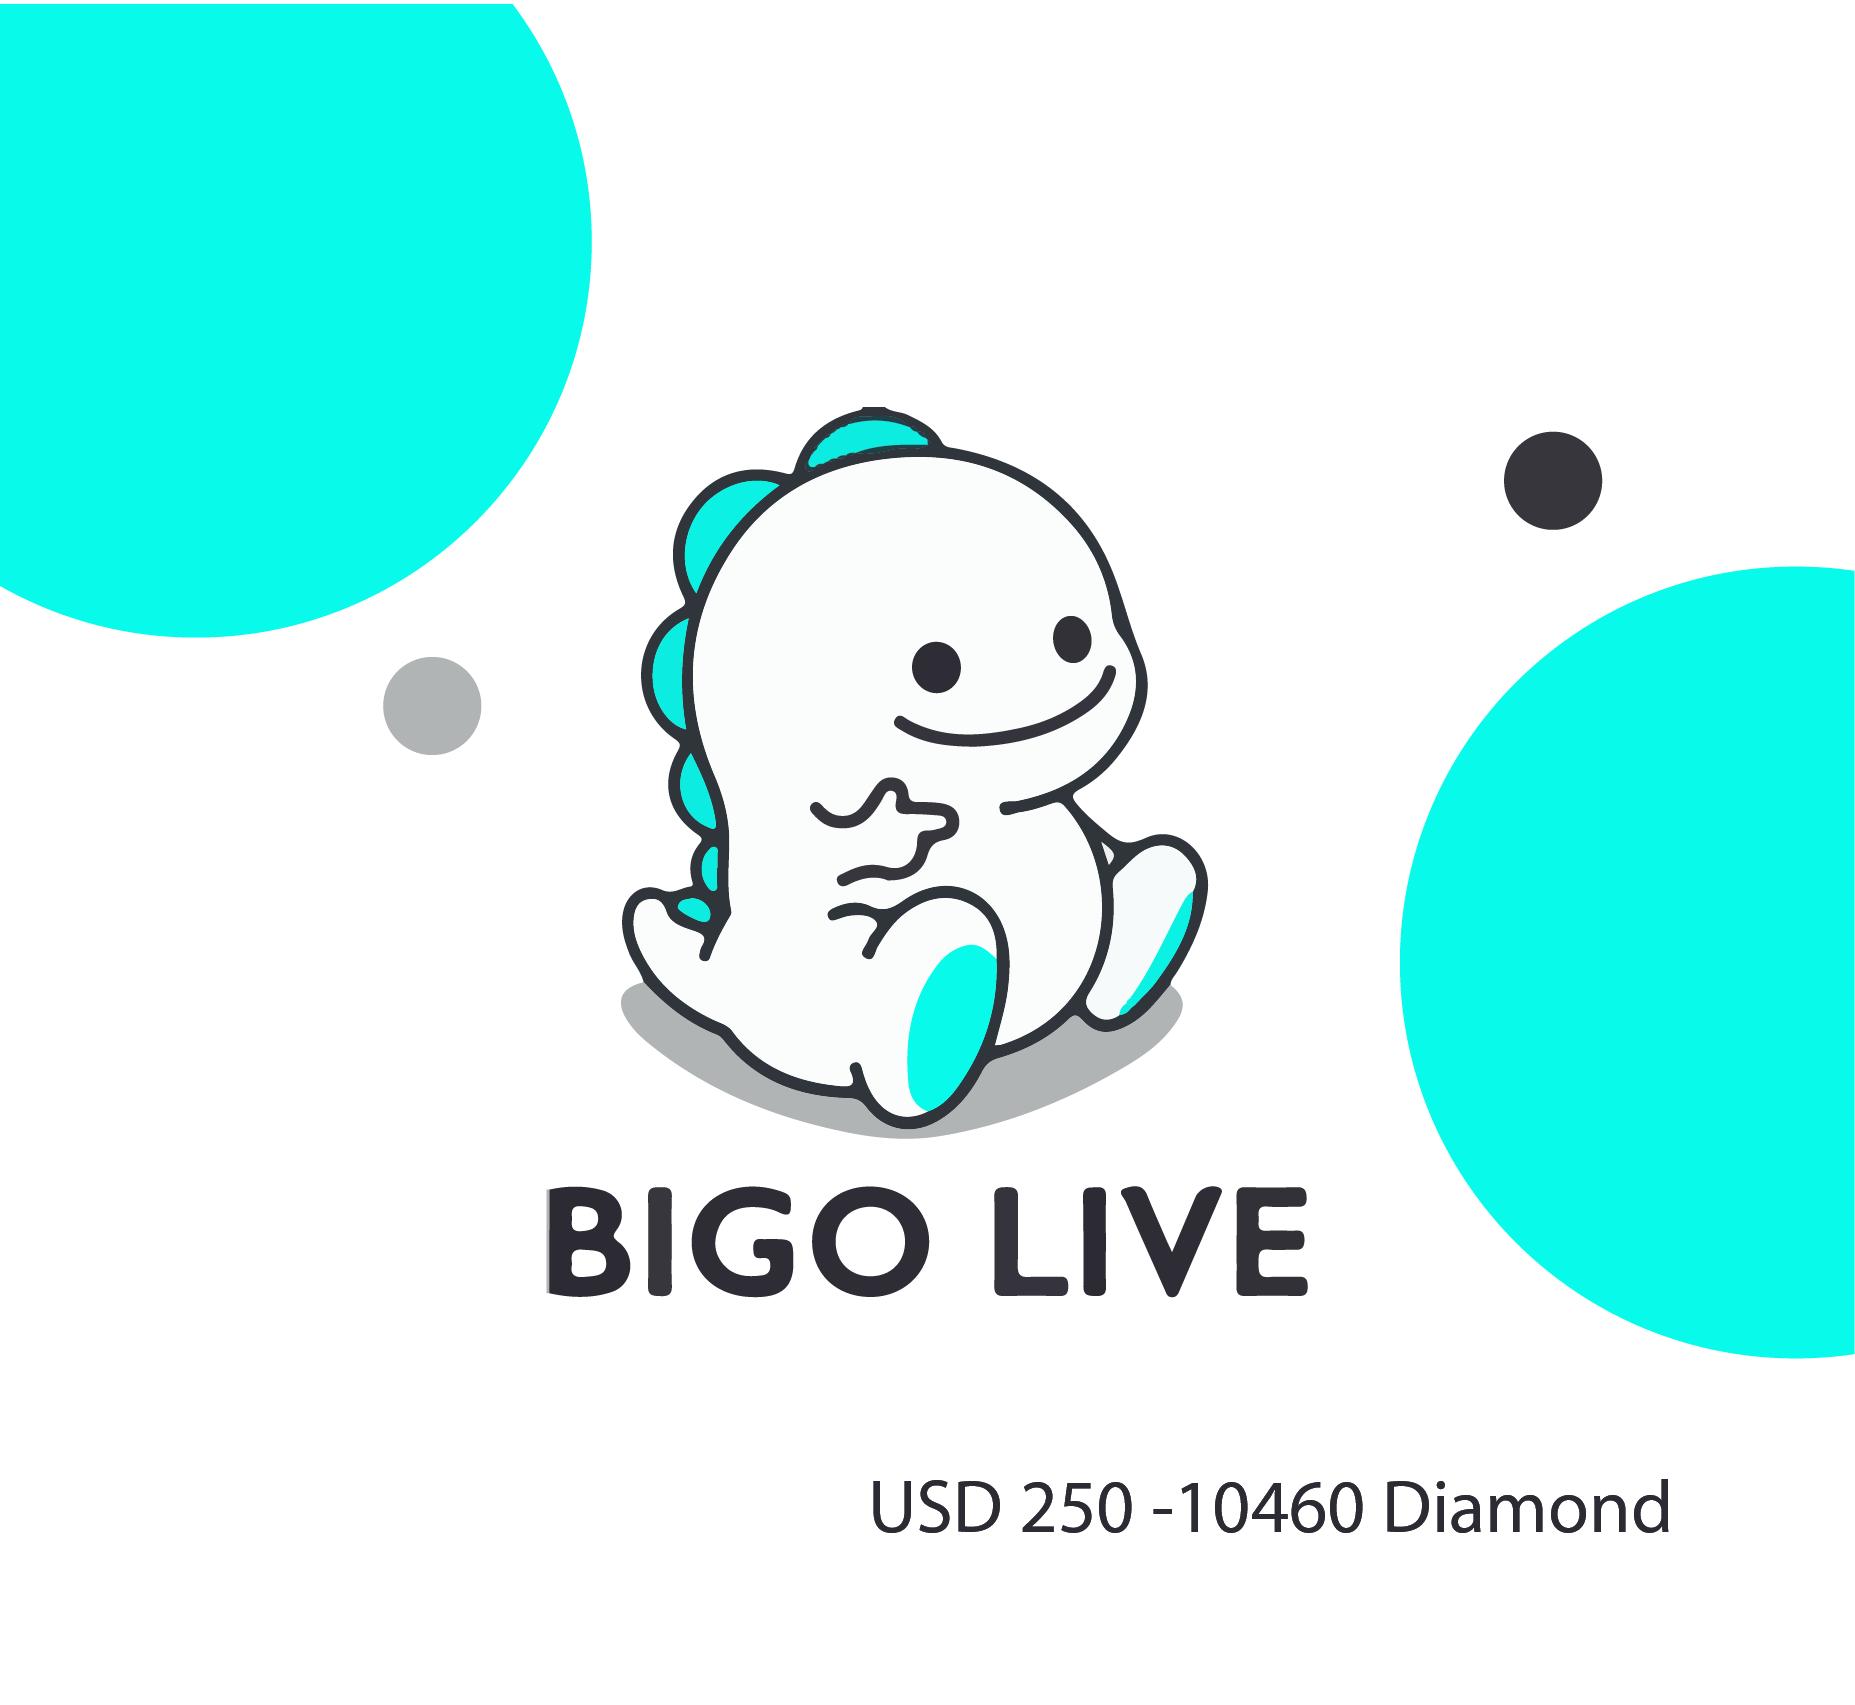 Bigo Live 250 USD - 10460 Diamond